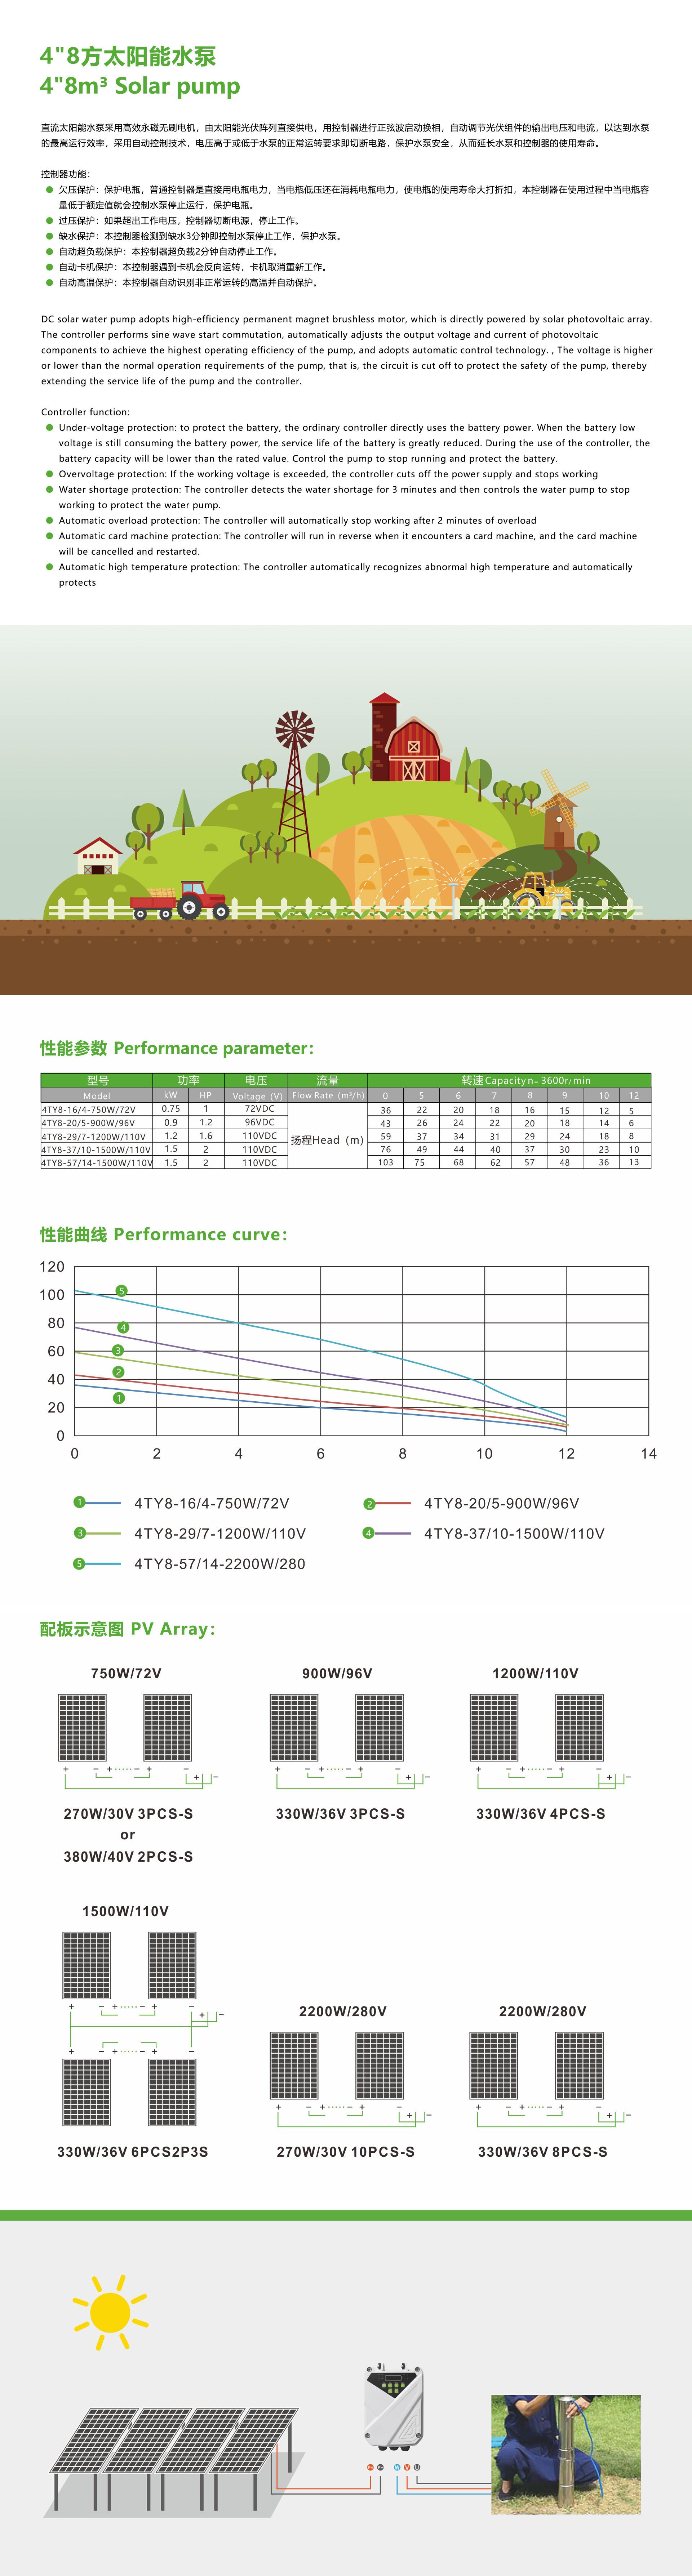 4 8方太阳能水泵.jpg